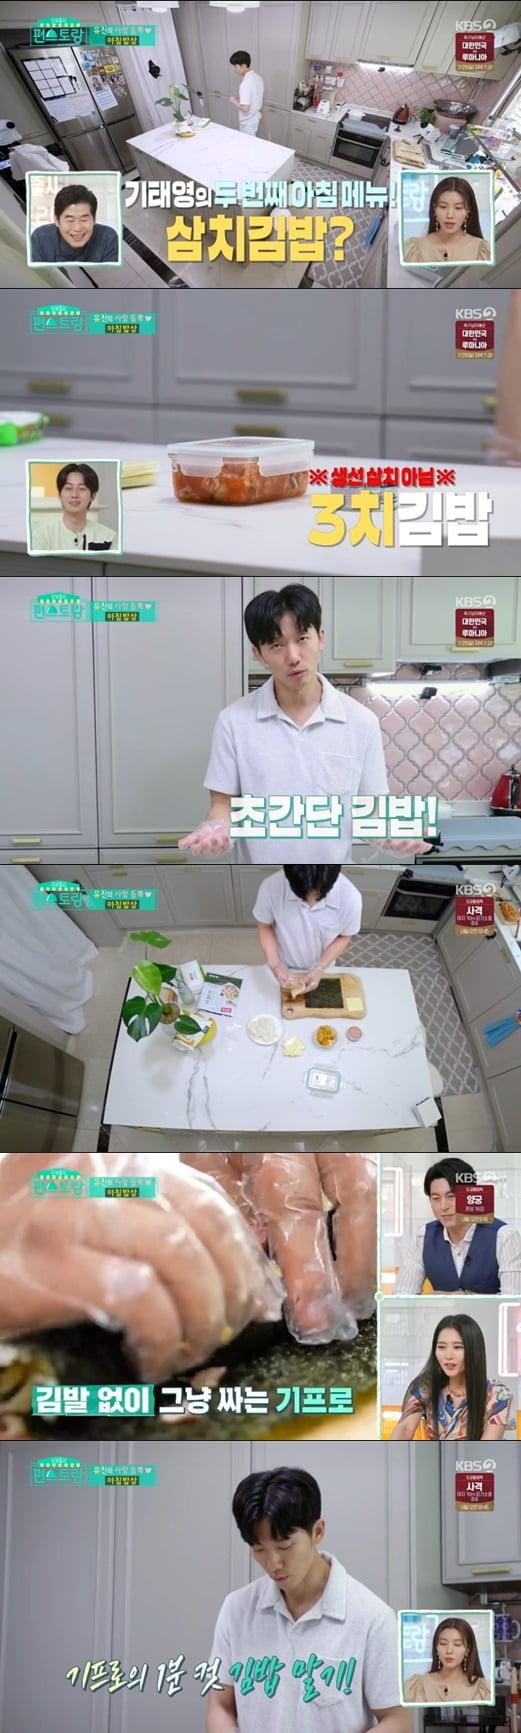 '편스토랑' 기태영, 아이들 취향 저격...김치X참치X치즈 넣은 초간단 삼치 김밥 선보여